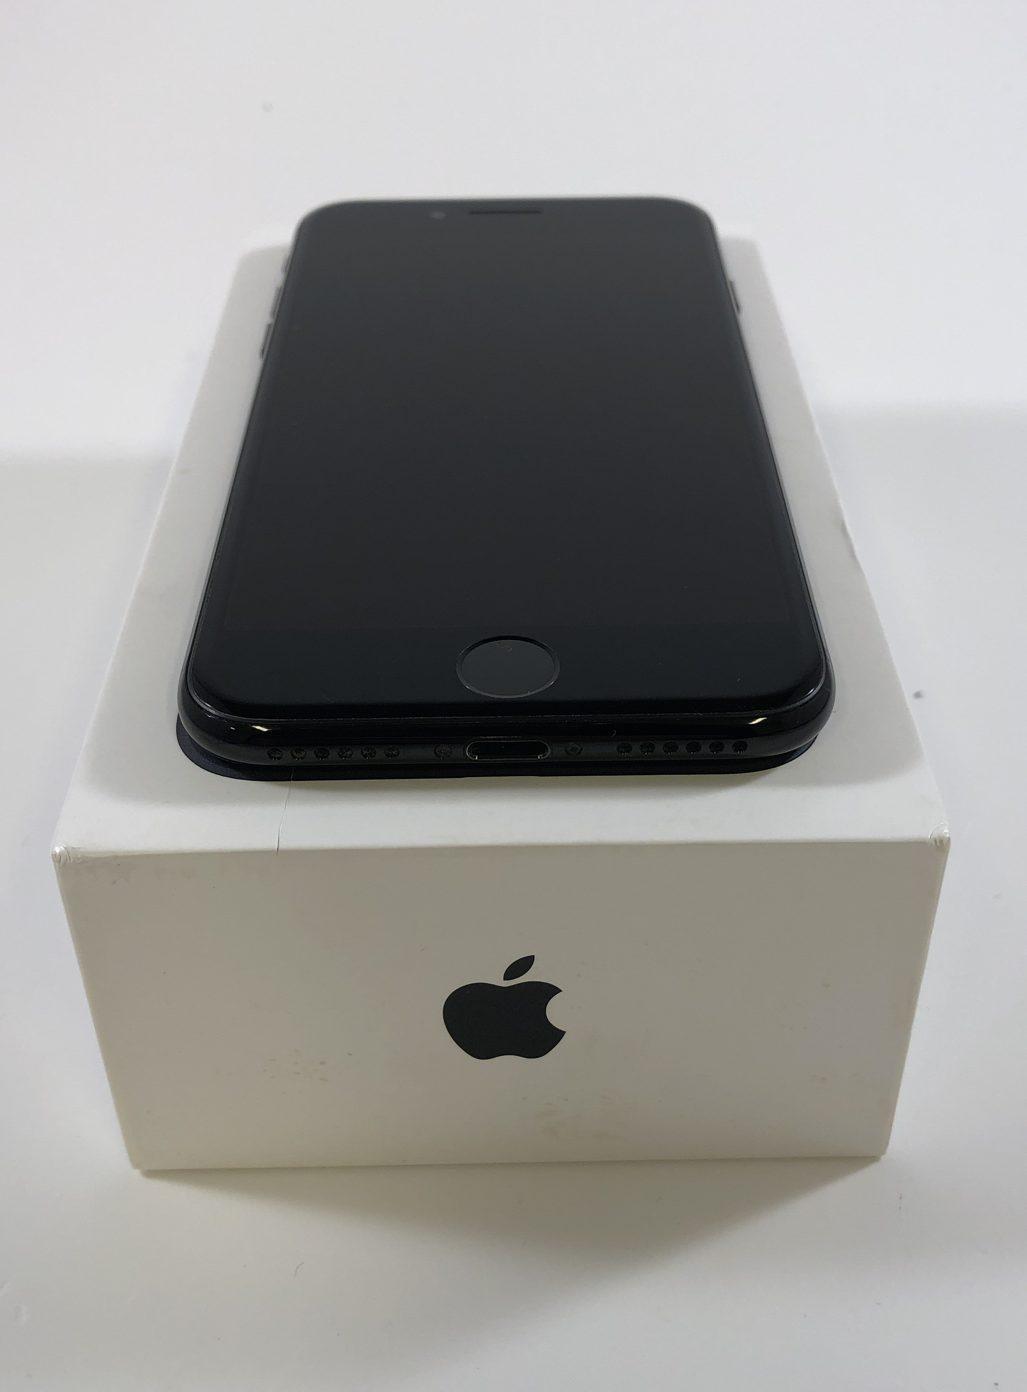 iPhone 7 32GB, 32GB, Jet Black, imagen 3